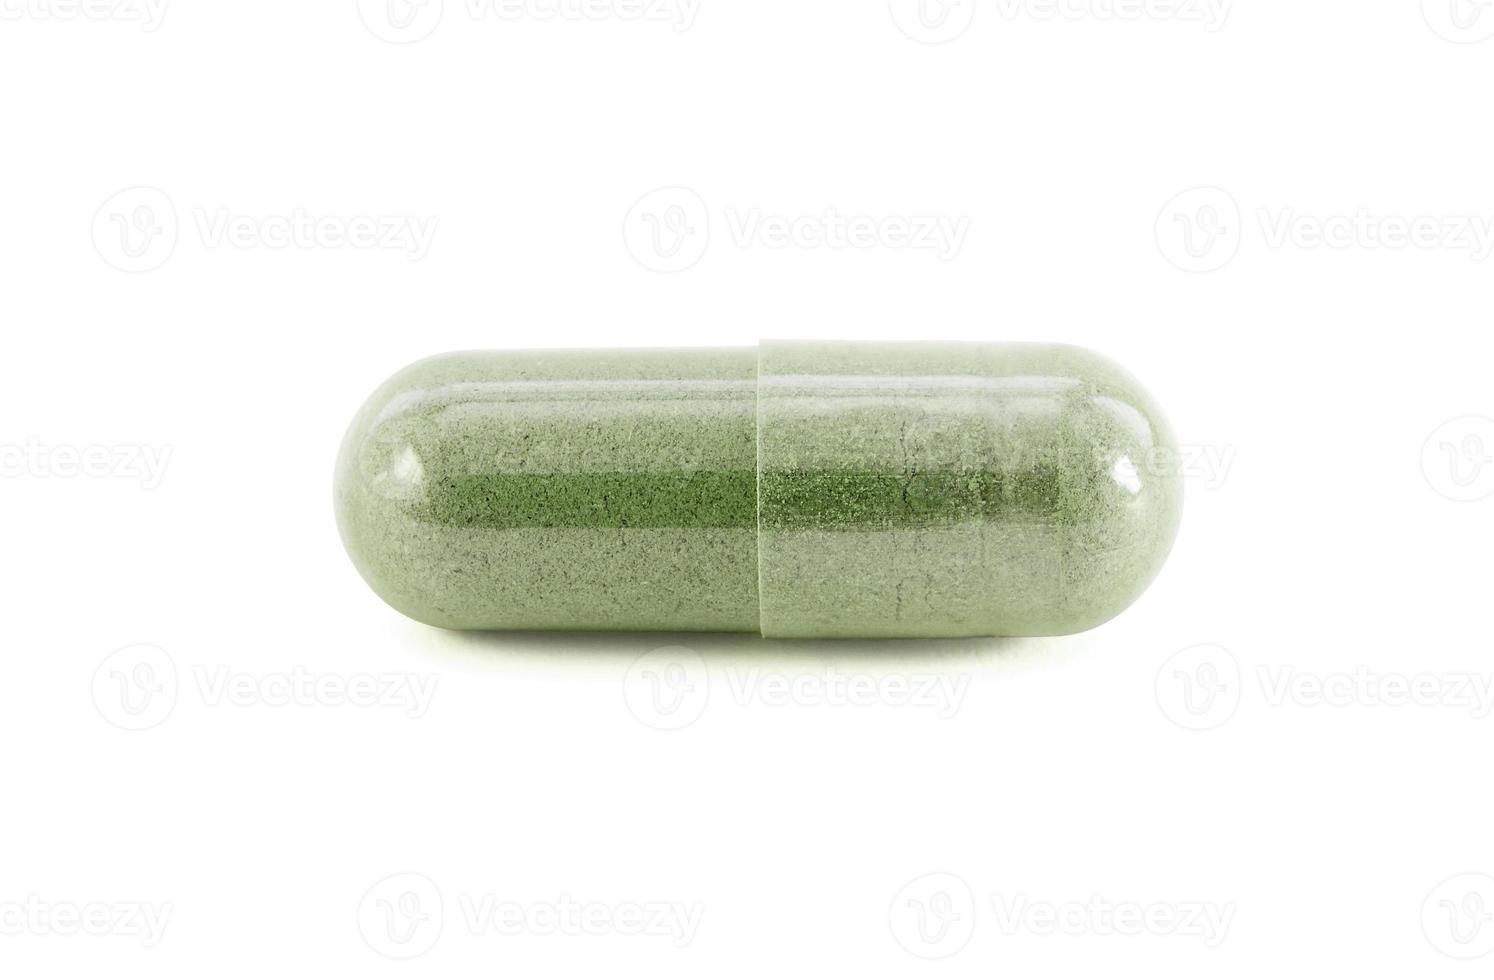 capsule de produit de supplément à base de plantes vertes isolé sur blanc photo